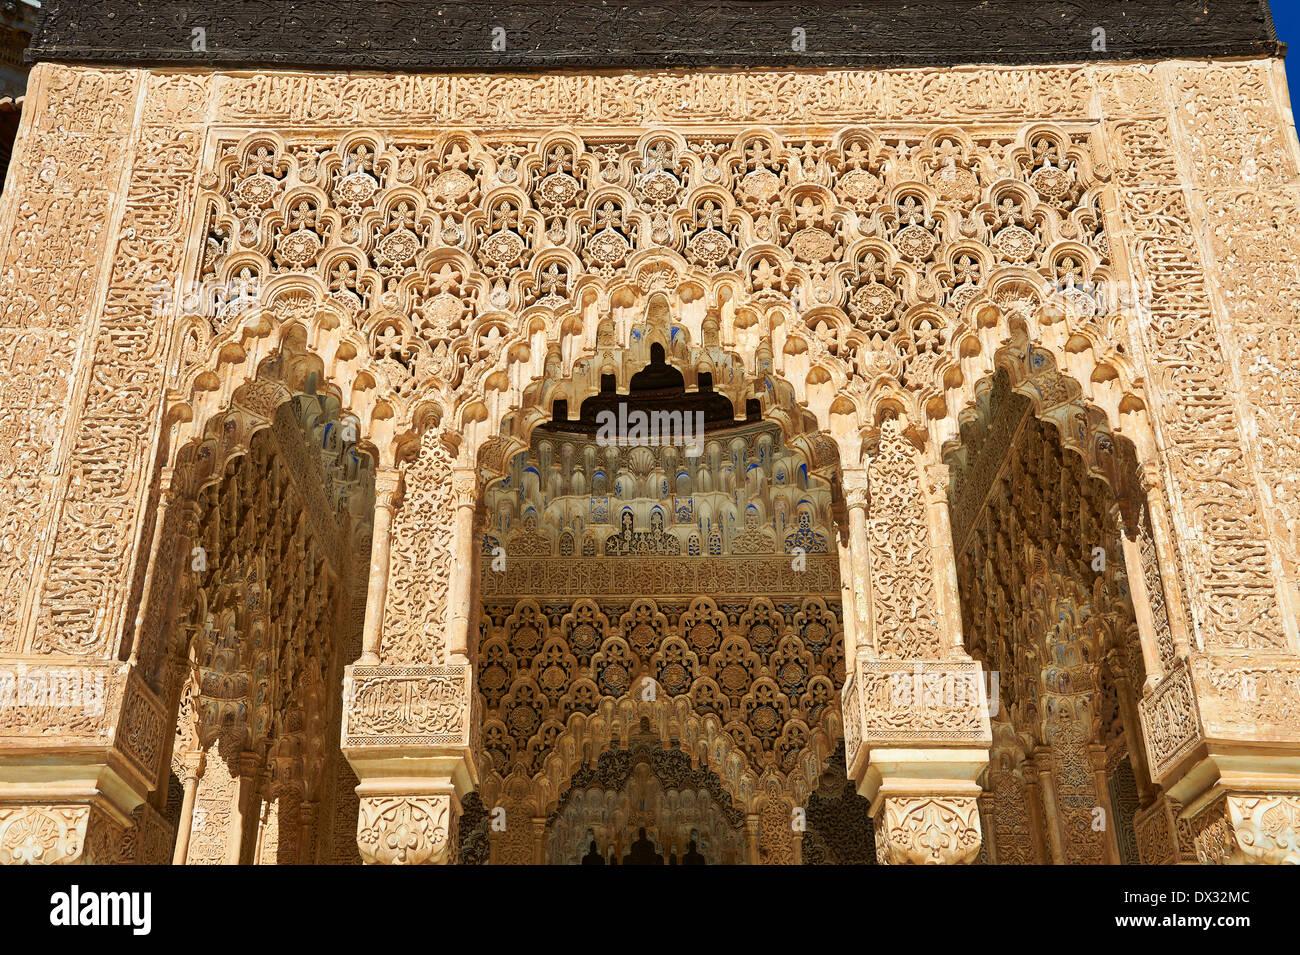 arabesque moorish architecture of the patio de los leones court of